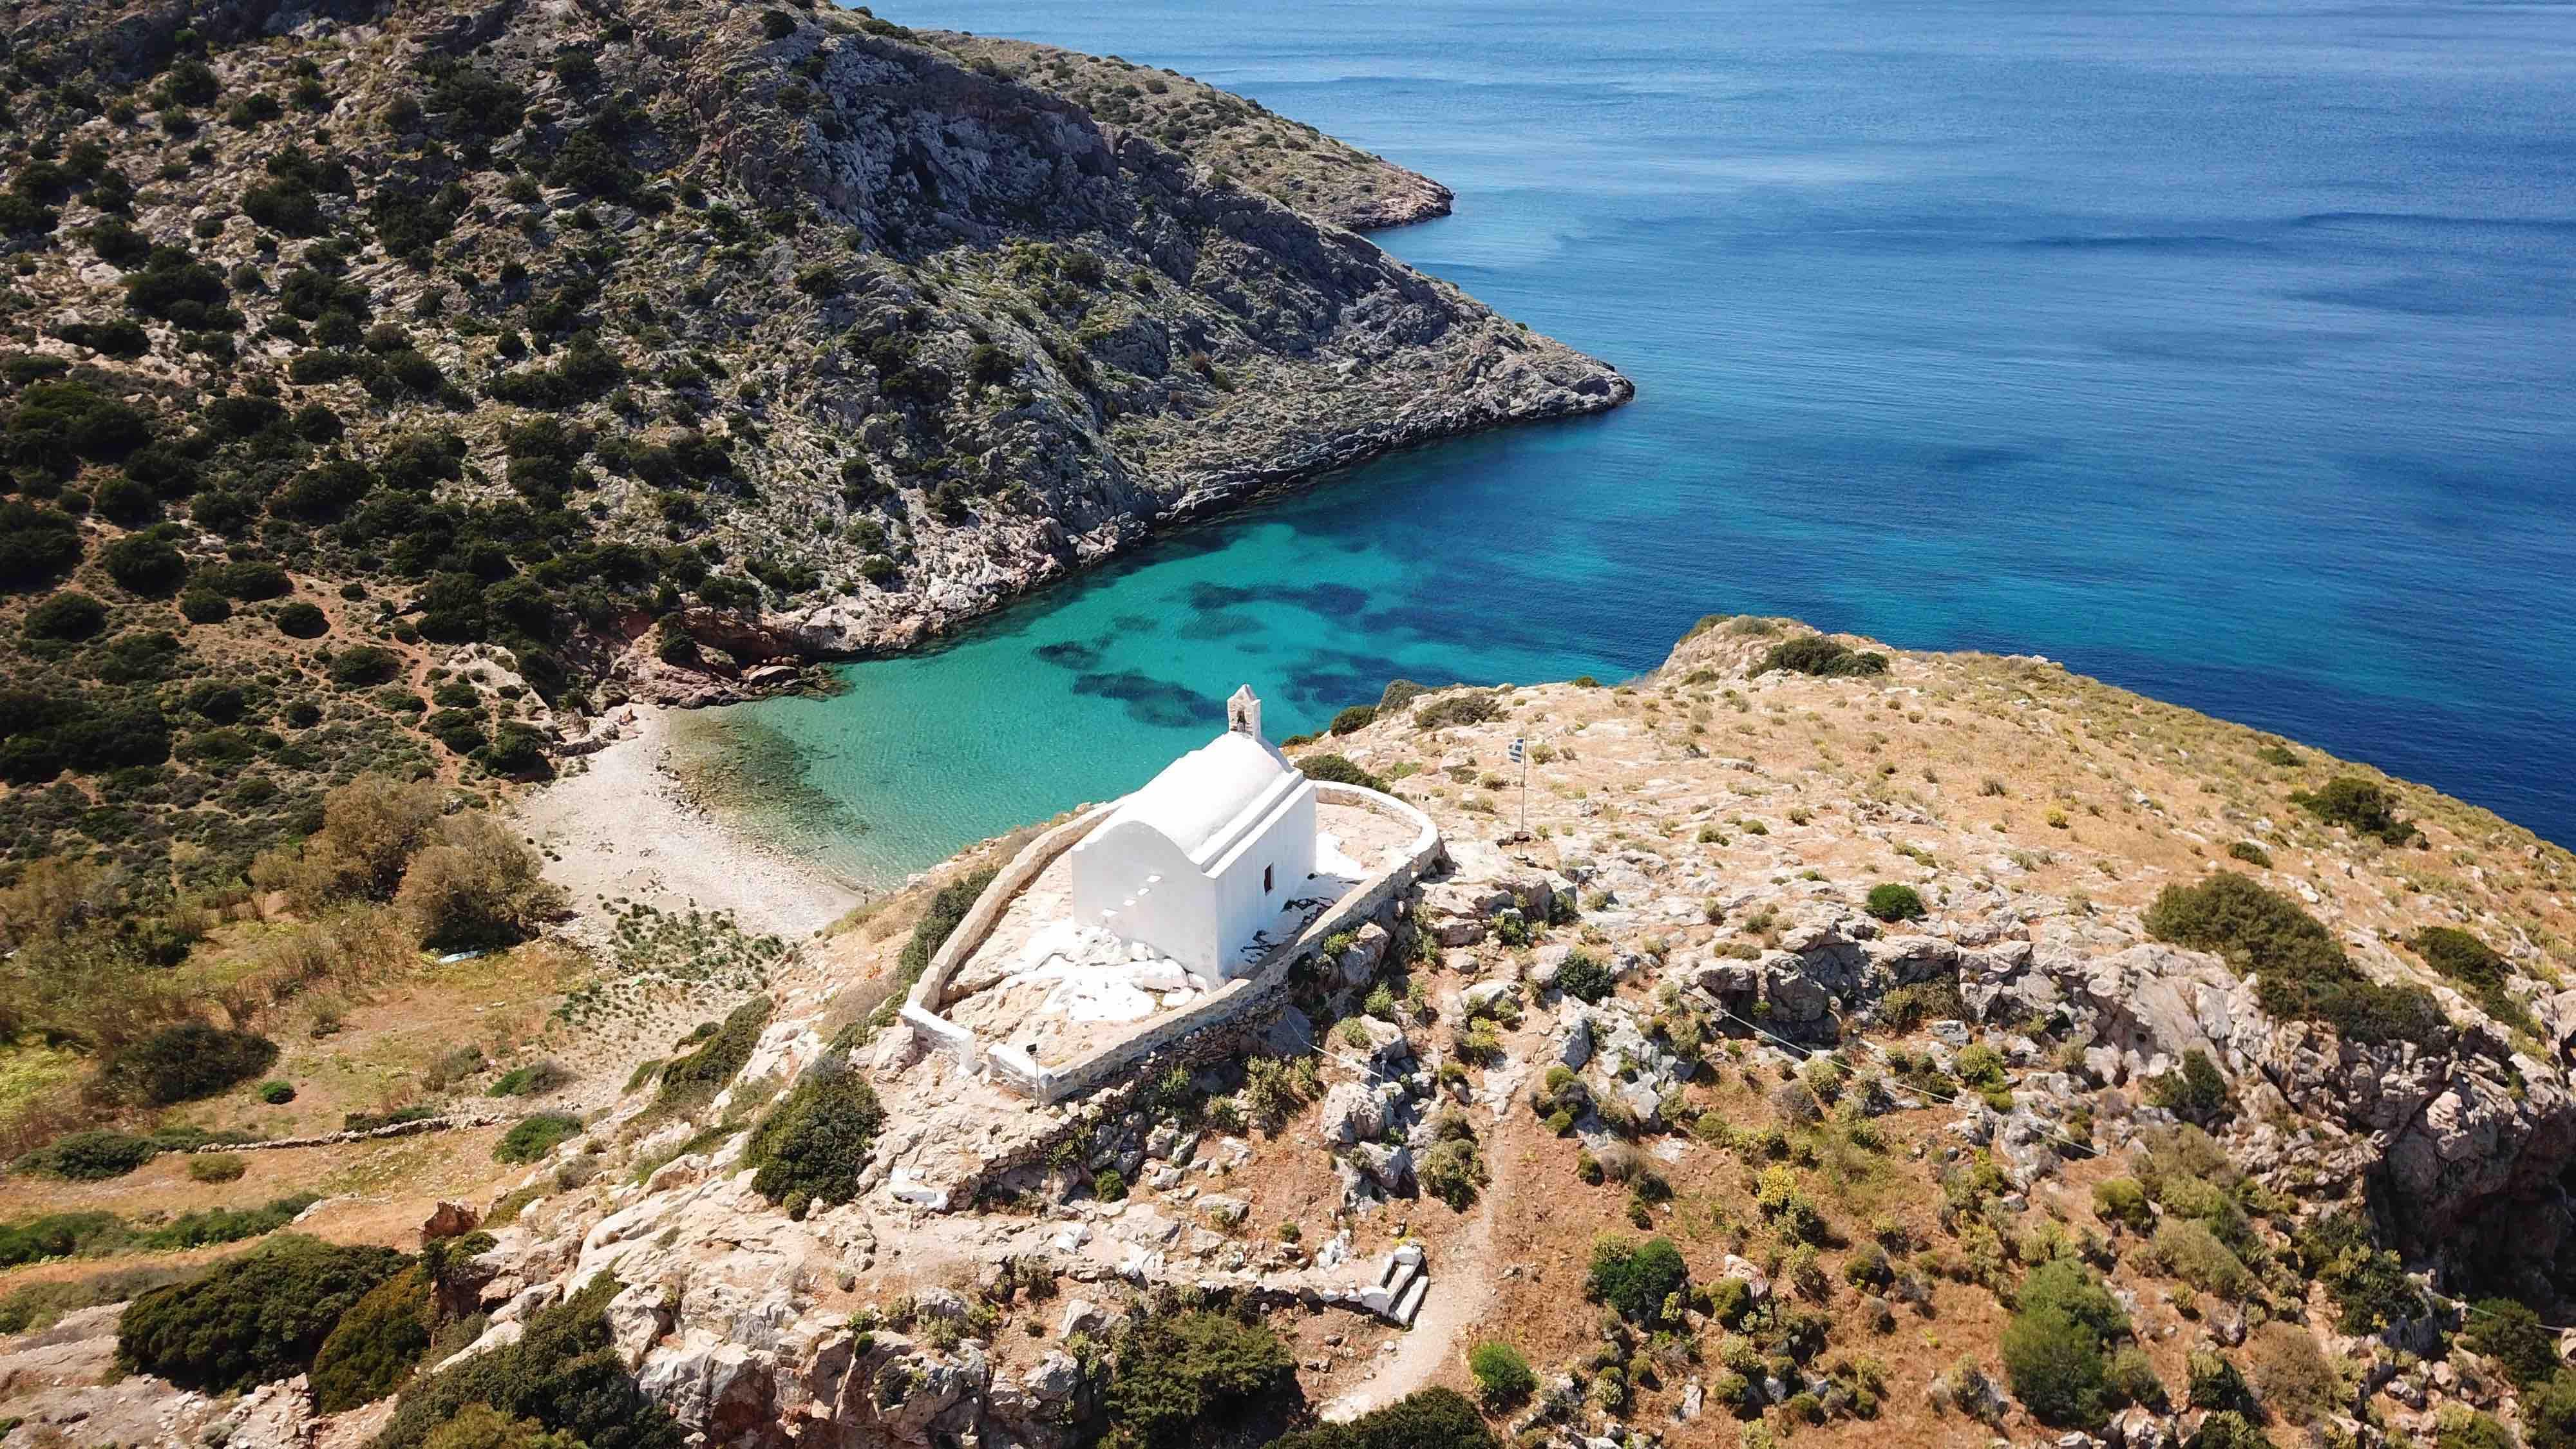 The church of Agios Pakos on Galissas beach, Syros island.